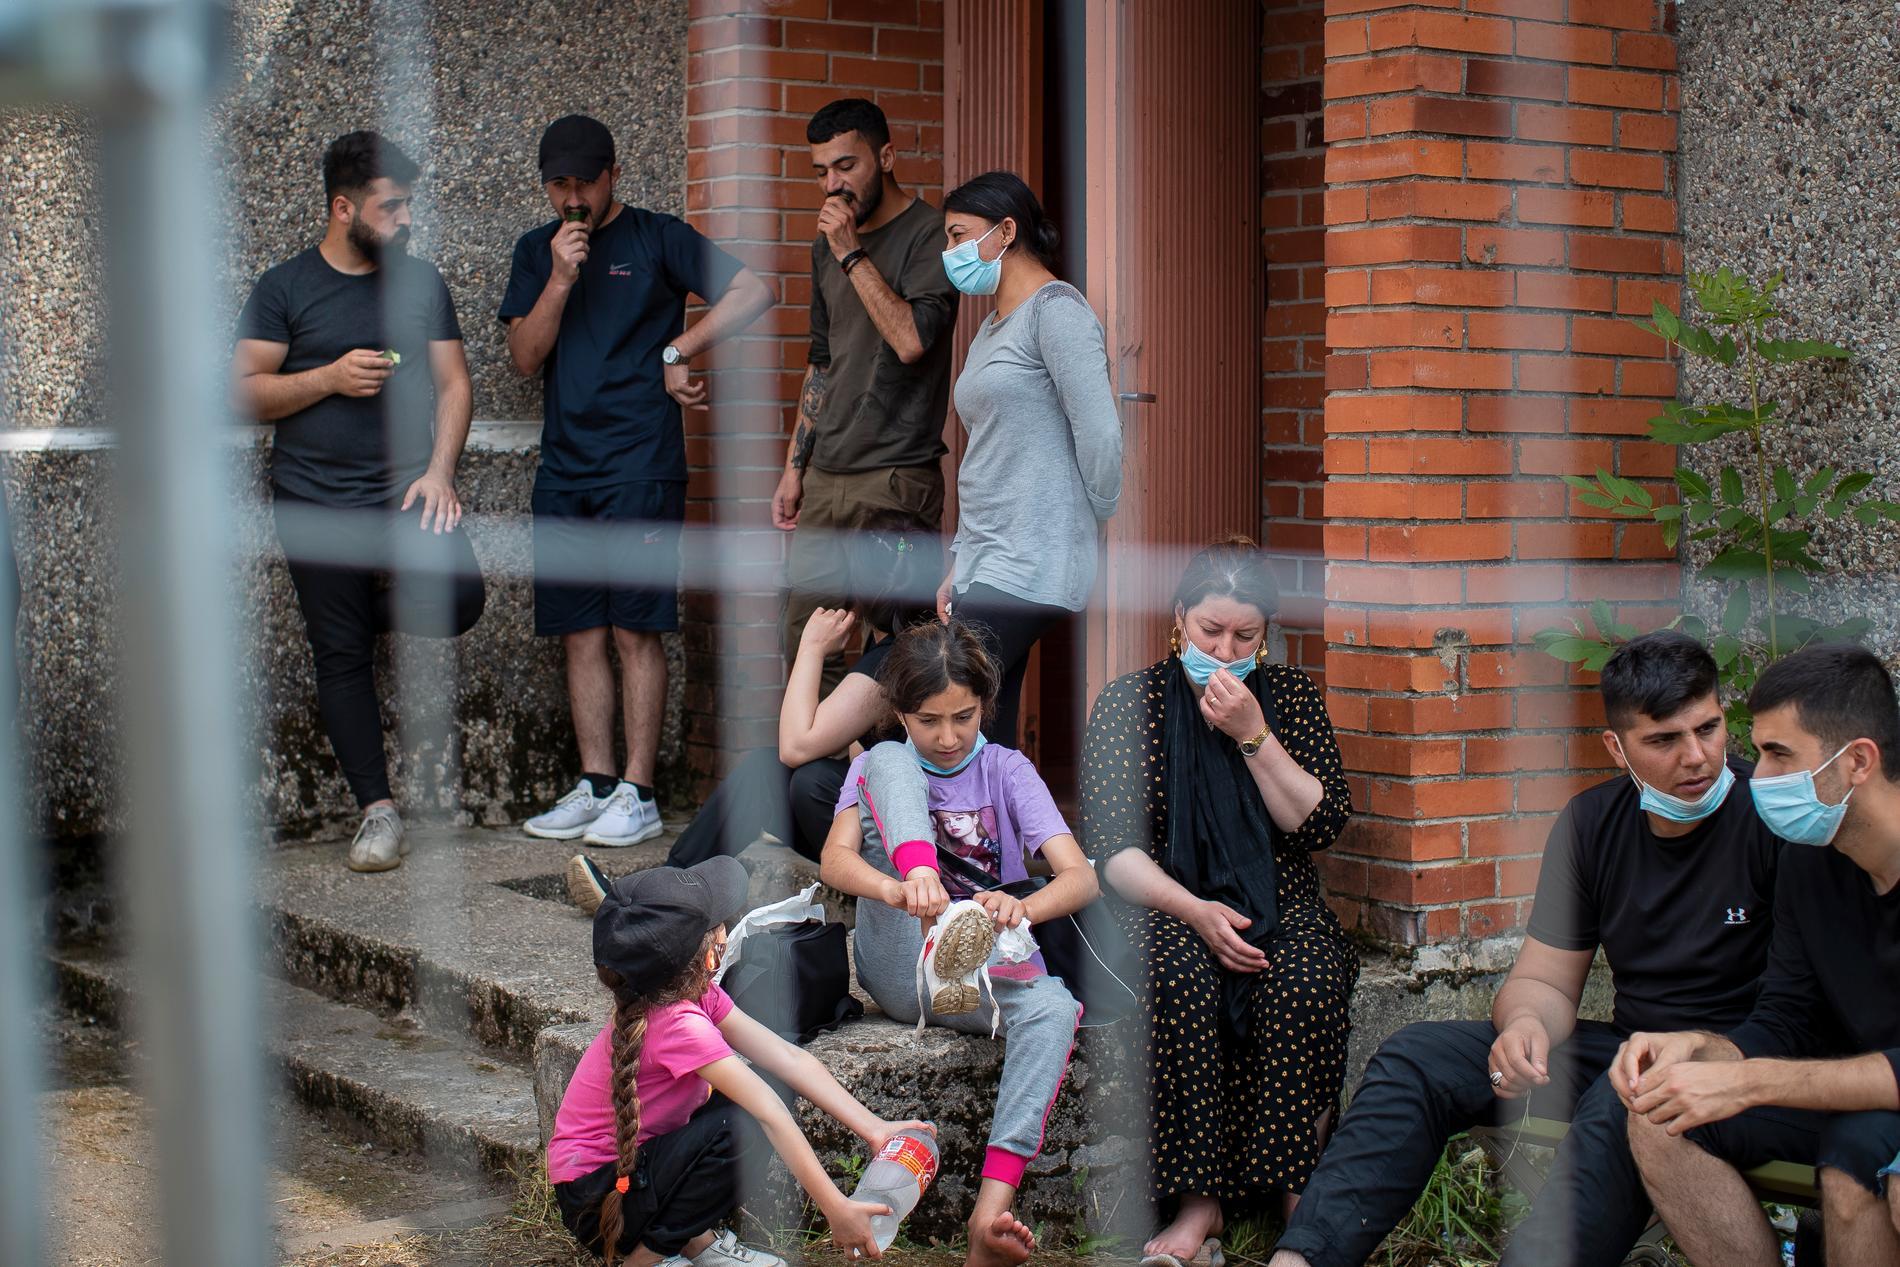 Migranter från Irak i ett flyktingläger söder om Vilnius, Litauen.